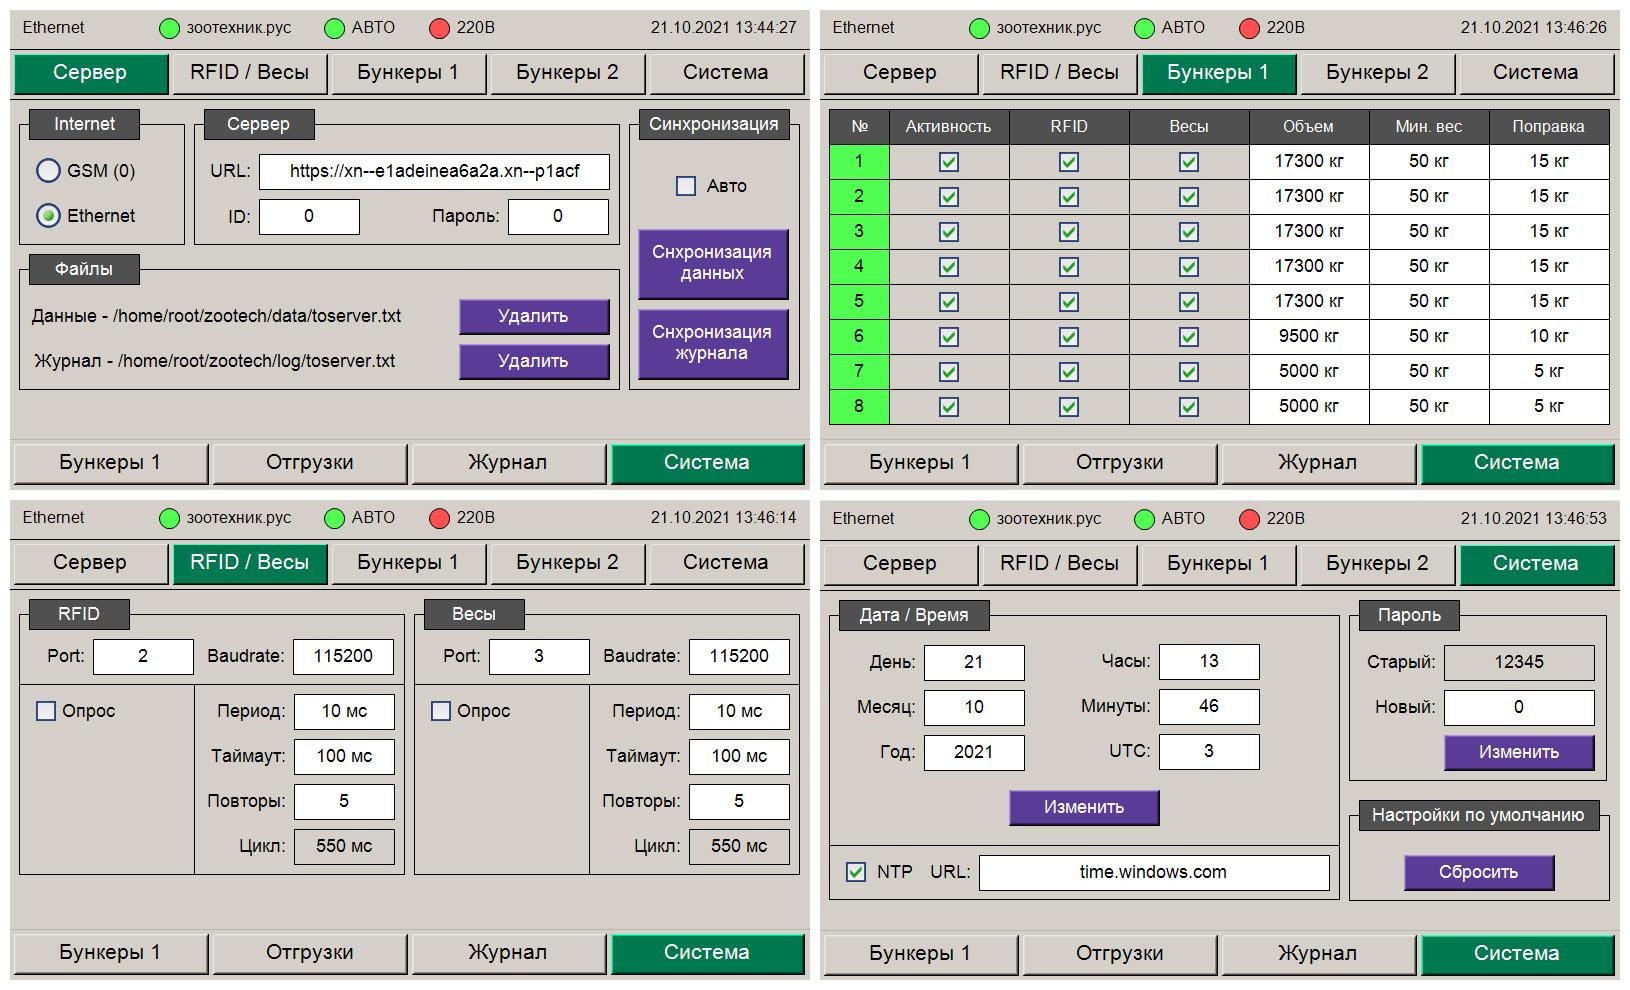 Автоматизация кормоцеха - экраны СПК107 2